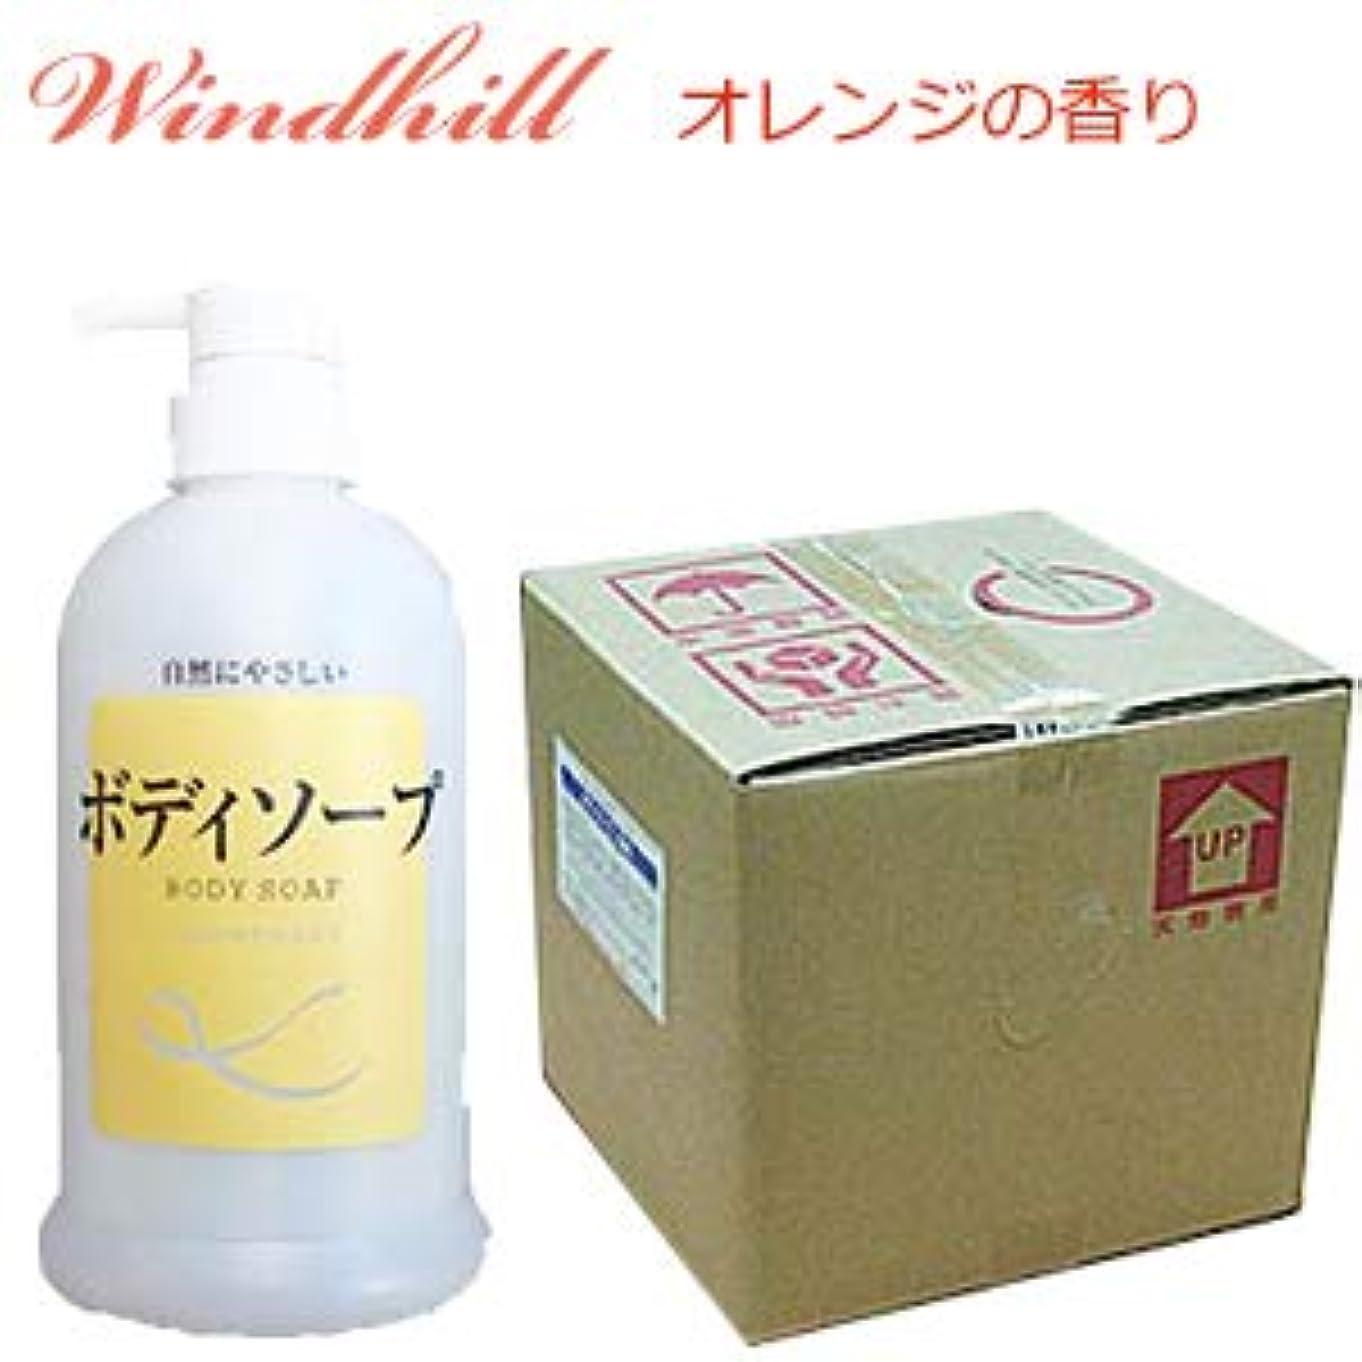 腐敗ホバートアスレチックWindhill 植物性 業務用ボディソープオレンジの香り 20L(1セット20L入)